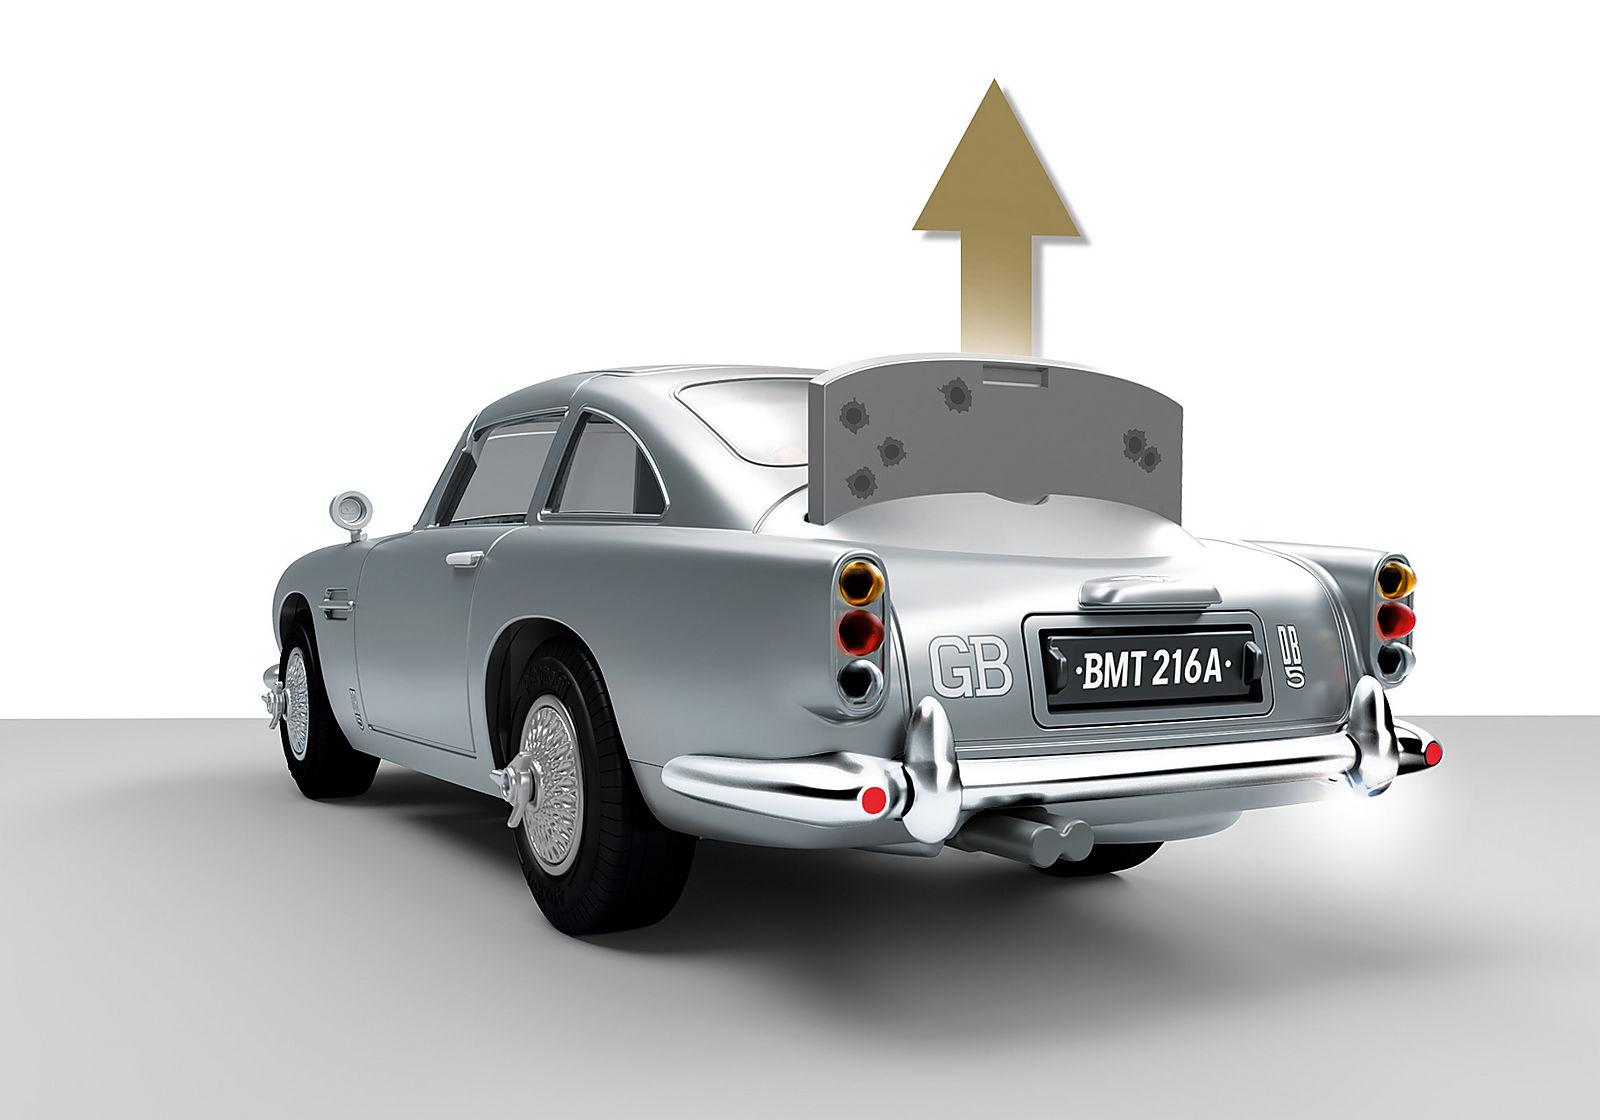 ASTON MARTIN DB5 JAMES BOND PLAYMOBIL – ÉDITION GOLDFINGER - Bouclier pare-balles à l'arrière du véhicule.